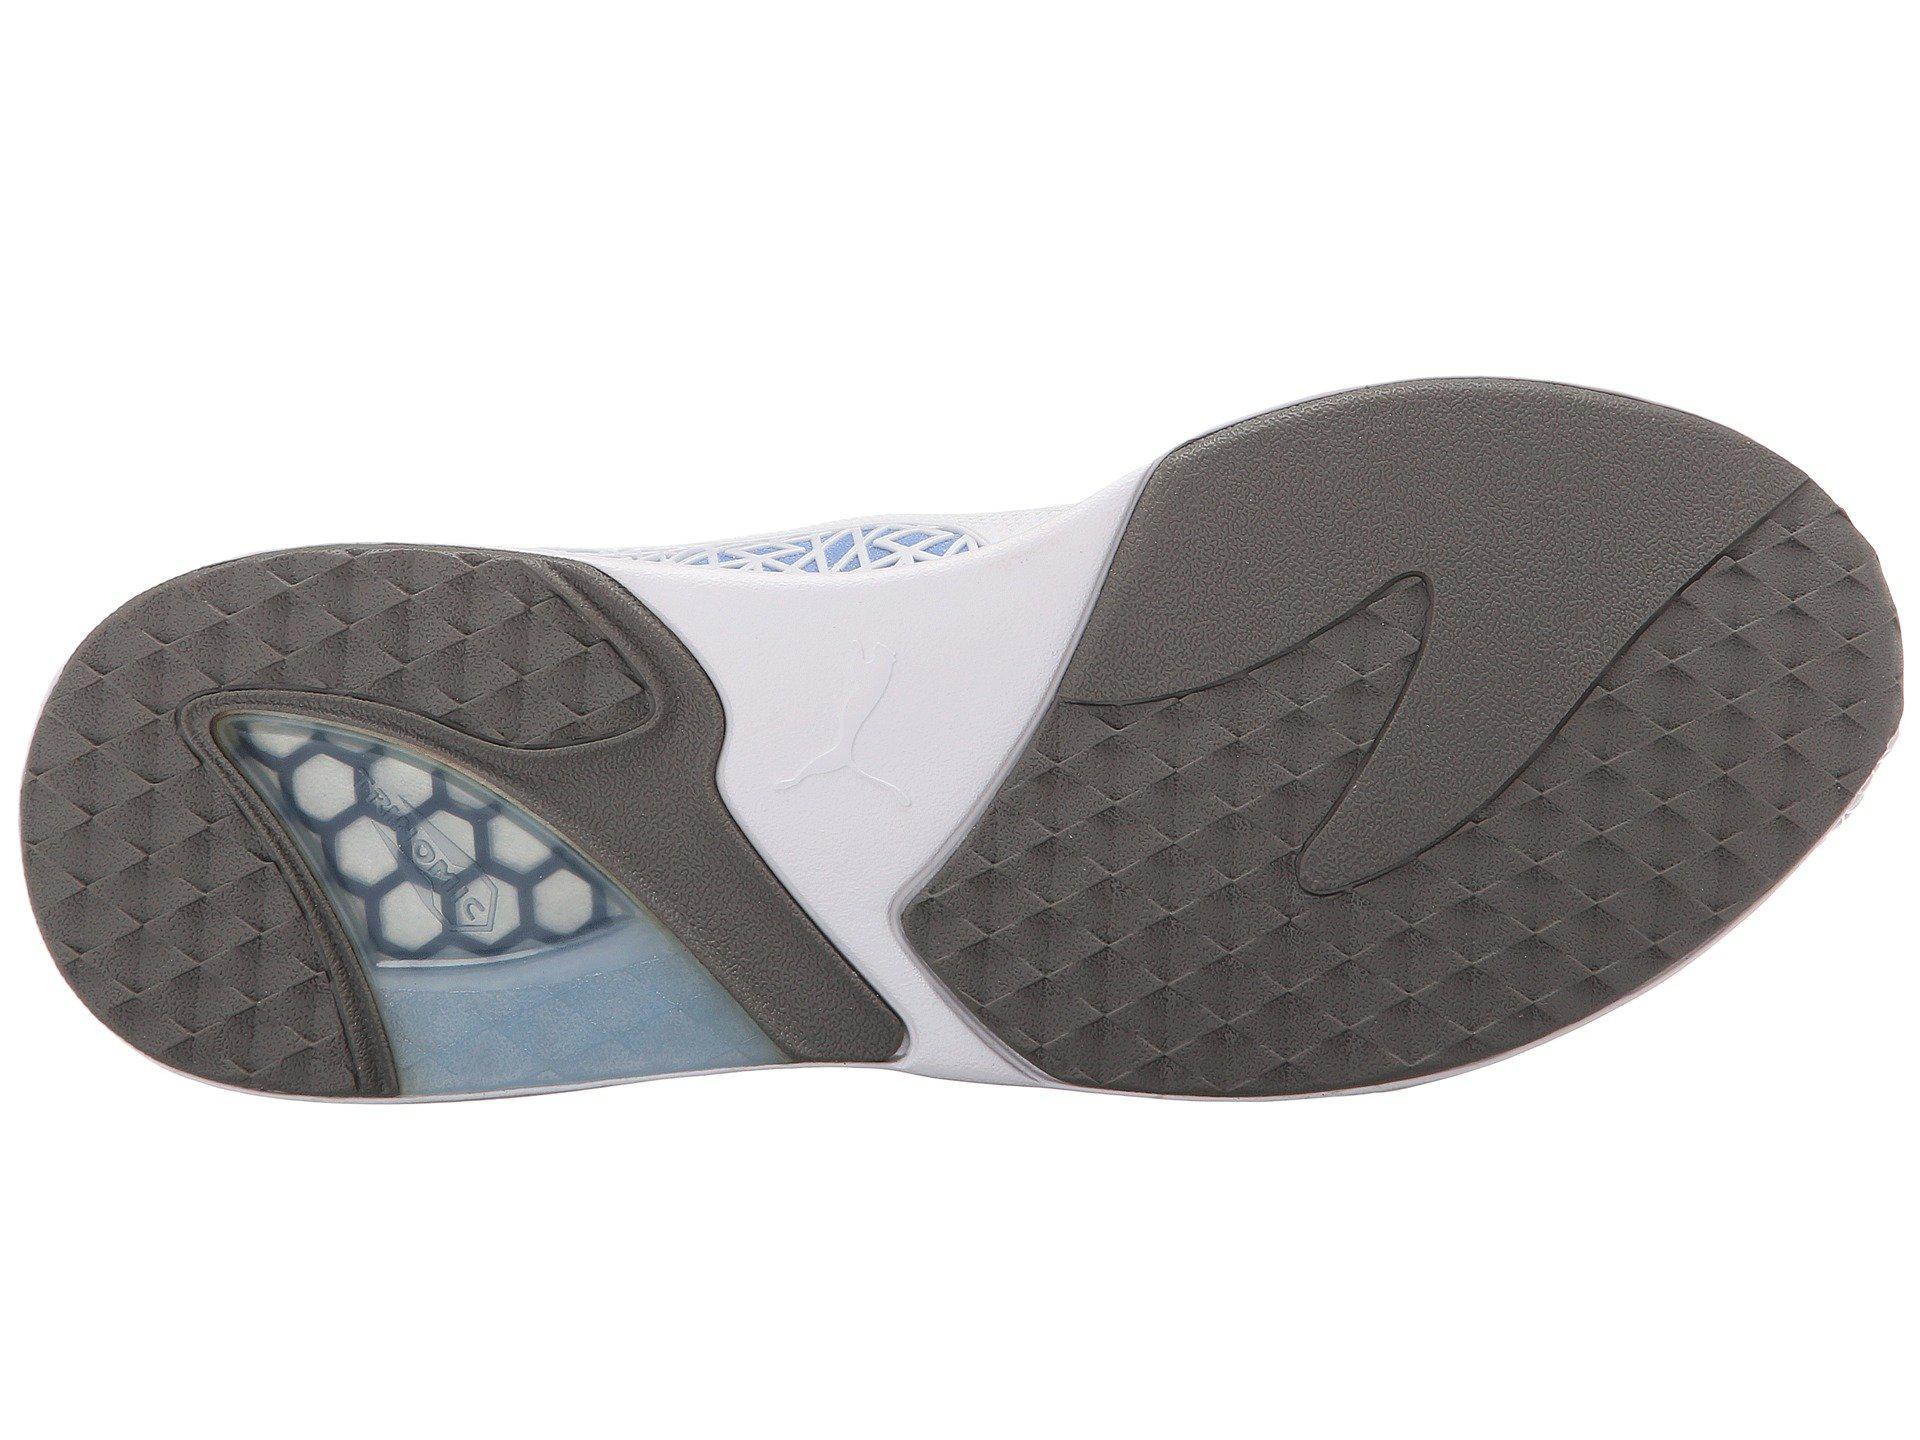 b0626e148e8 Lyst - PUMA Xs500 Tk Fade in Gray for Men